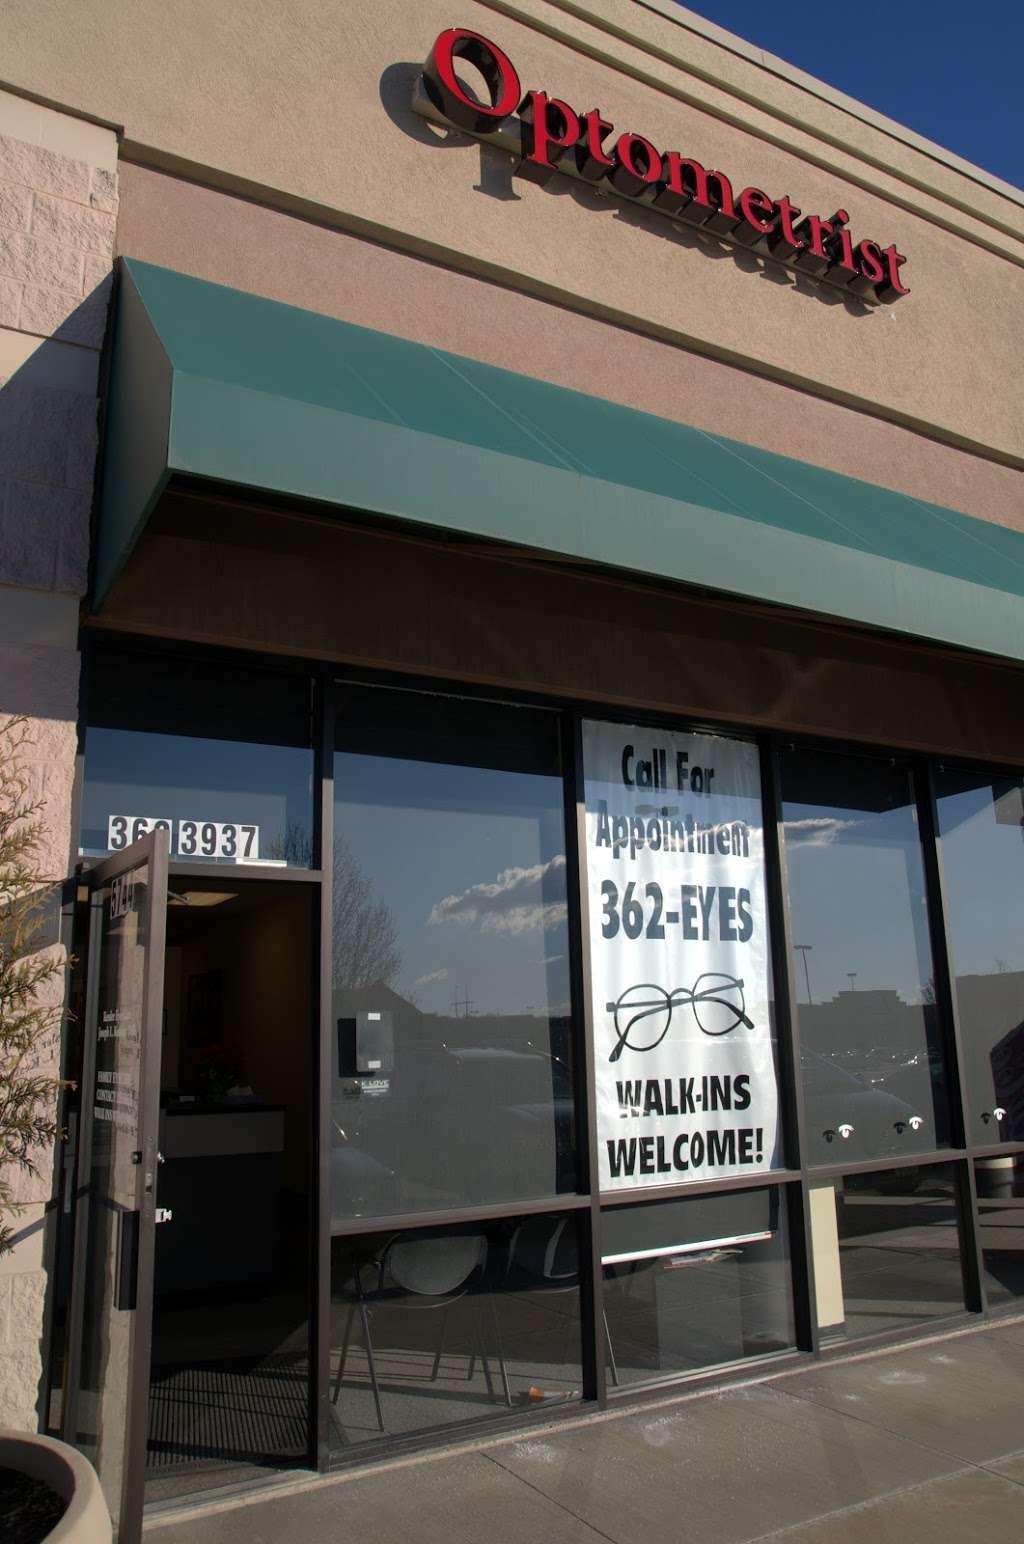 Kessler Eye Care - health  | Photo 4 of 10 | Address: 5744 Antioch Rd, Merriam, KS 66202, USA | Phone: (913) 362-3937